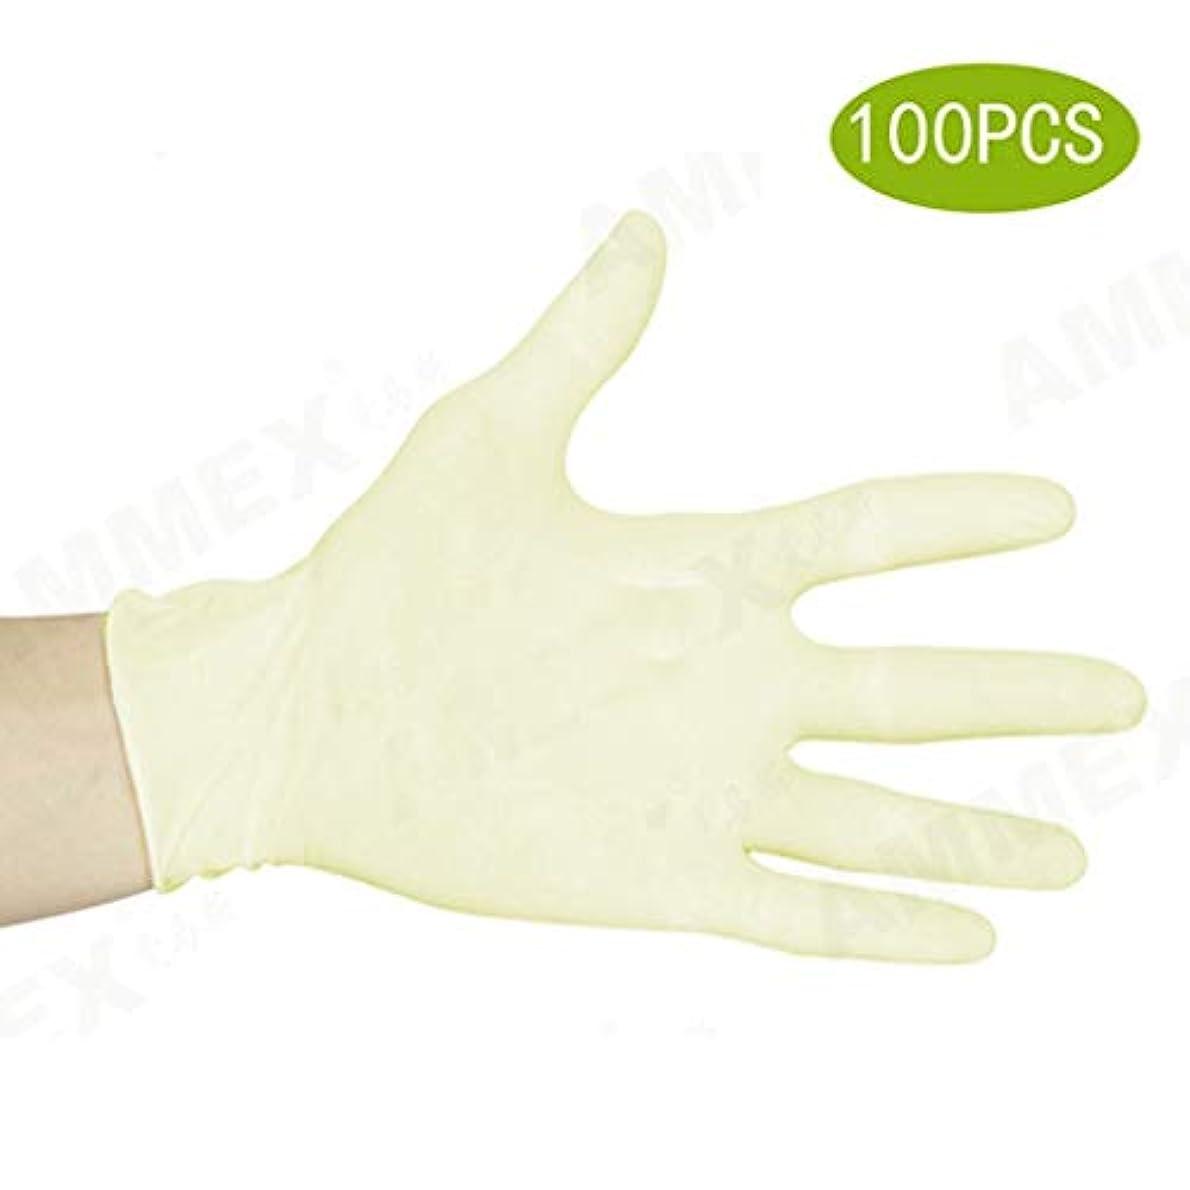 ゲートウェイ模倣セールニトリル手袋、パウダーフリー、ラテックスゴムフリー、使い捨て手袋 - 非滅菌、食品安全、医療用グレード、100の便利なディスペンサーパック、ビニール手袋(エクストラストレングス) (Color : Latex Gloves...